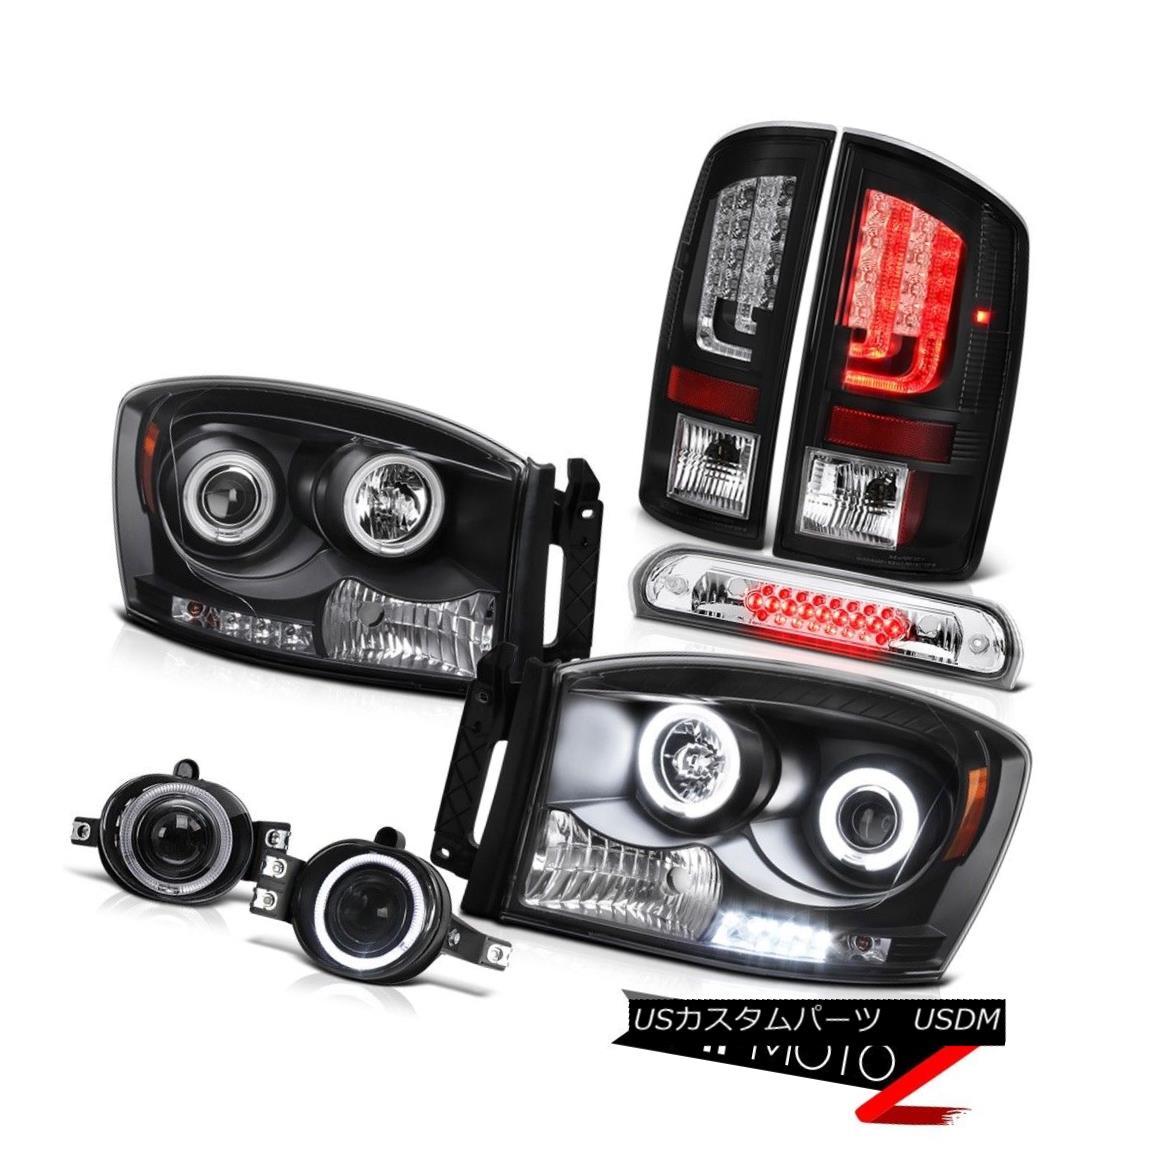 テールライト 2007-2008 Dodge Ram 1500 SLT Tail Lights Headlights Foglamps Roof Cargo Light 2007-2008ダッジラム1500 SLTテールライトヘッドライトフォグランプ屋根カーゴライト